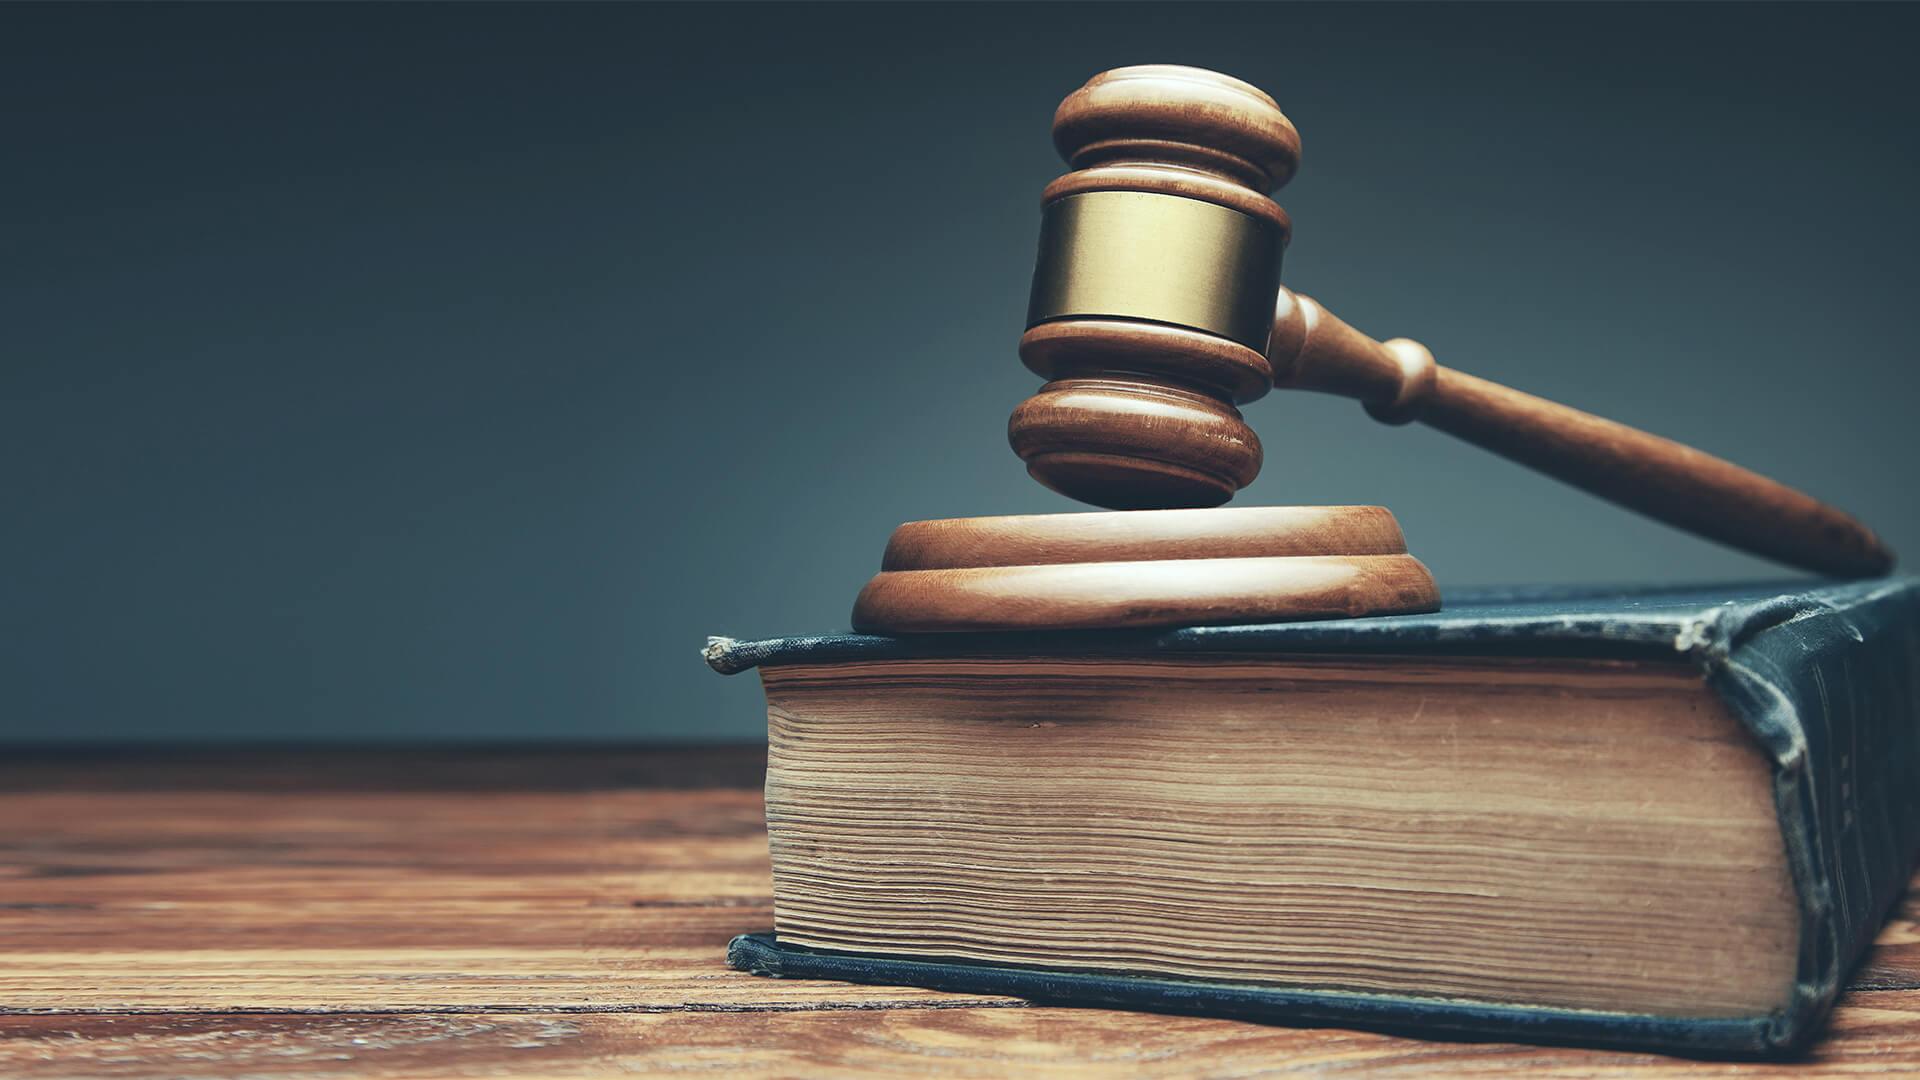 კანონმდებლობა და შეკრებების მიმართ დაწესებული შეზღუდვების გასაჩივრების მექანიზმები